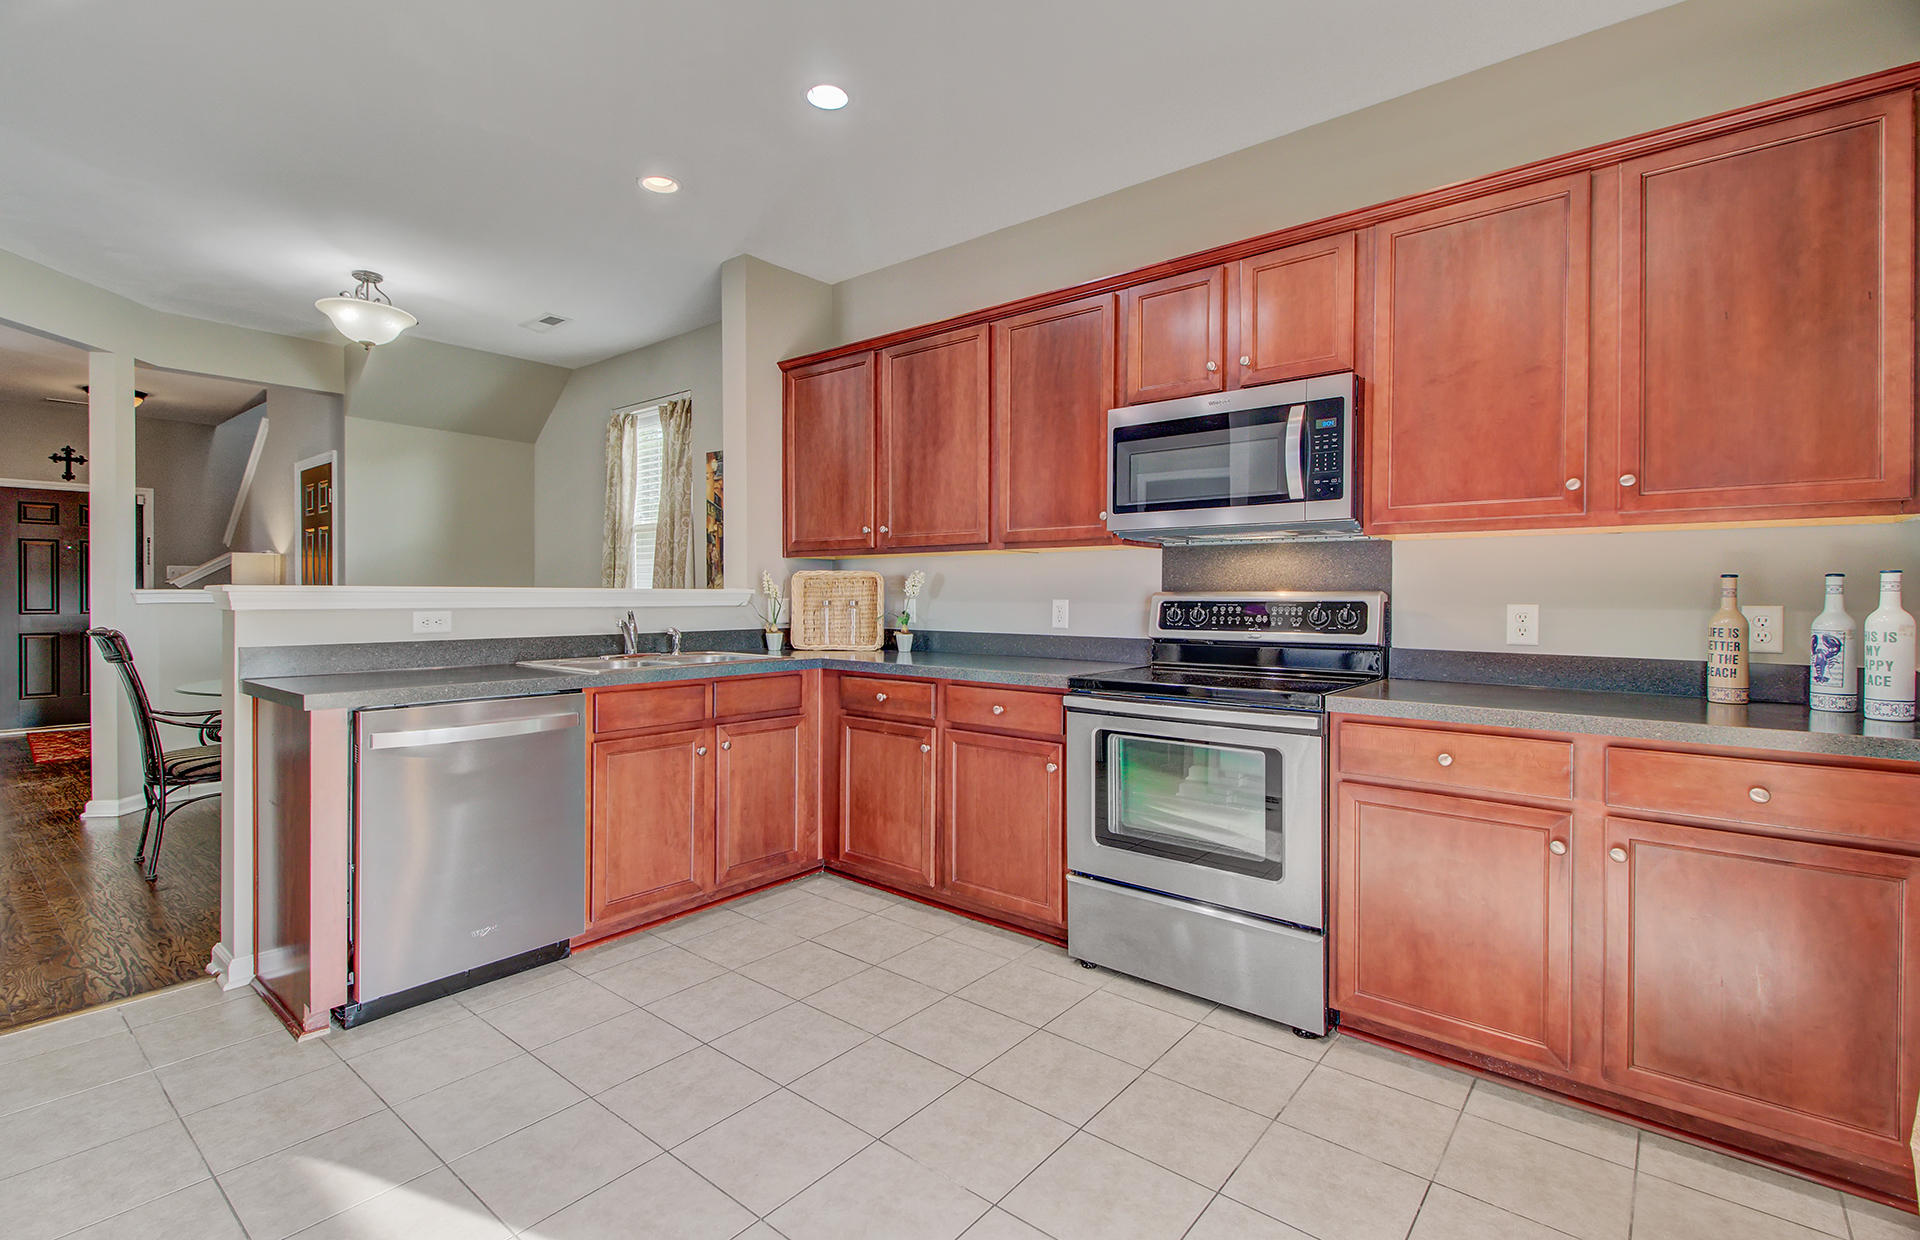 9606 Roseberry Street Ladson, SC 29456